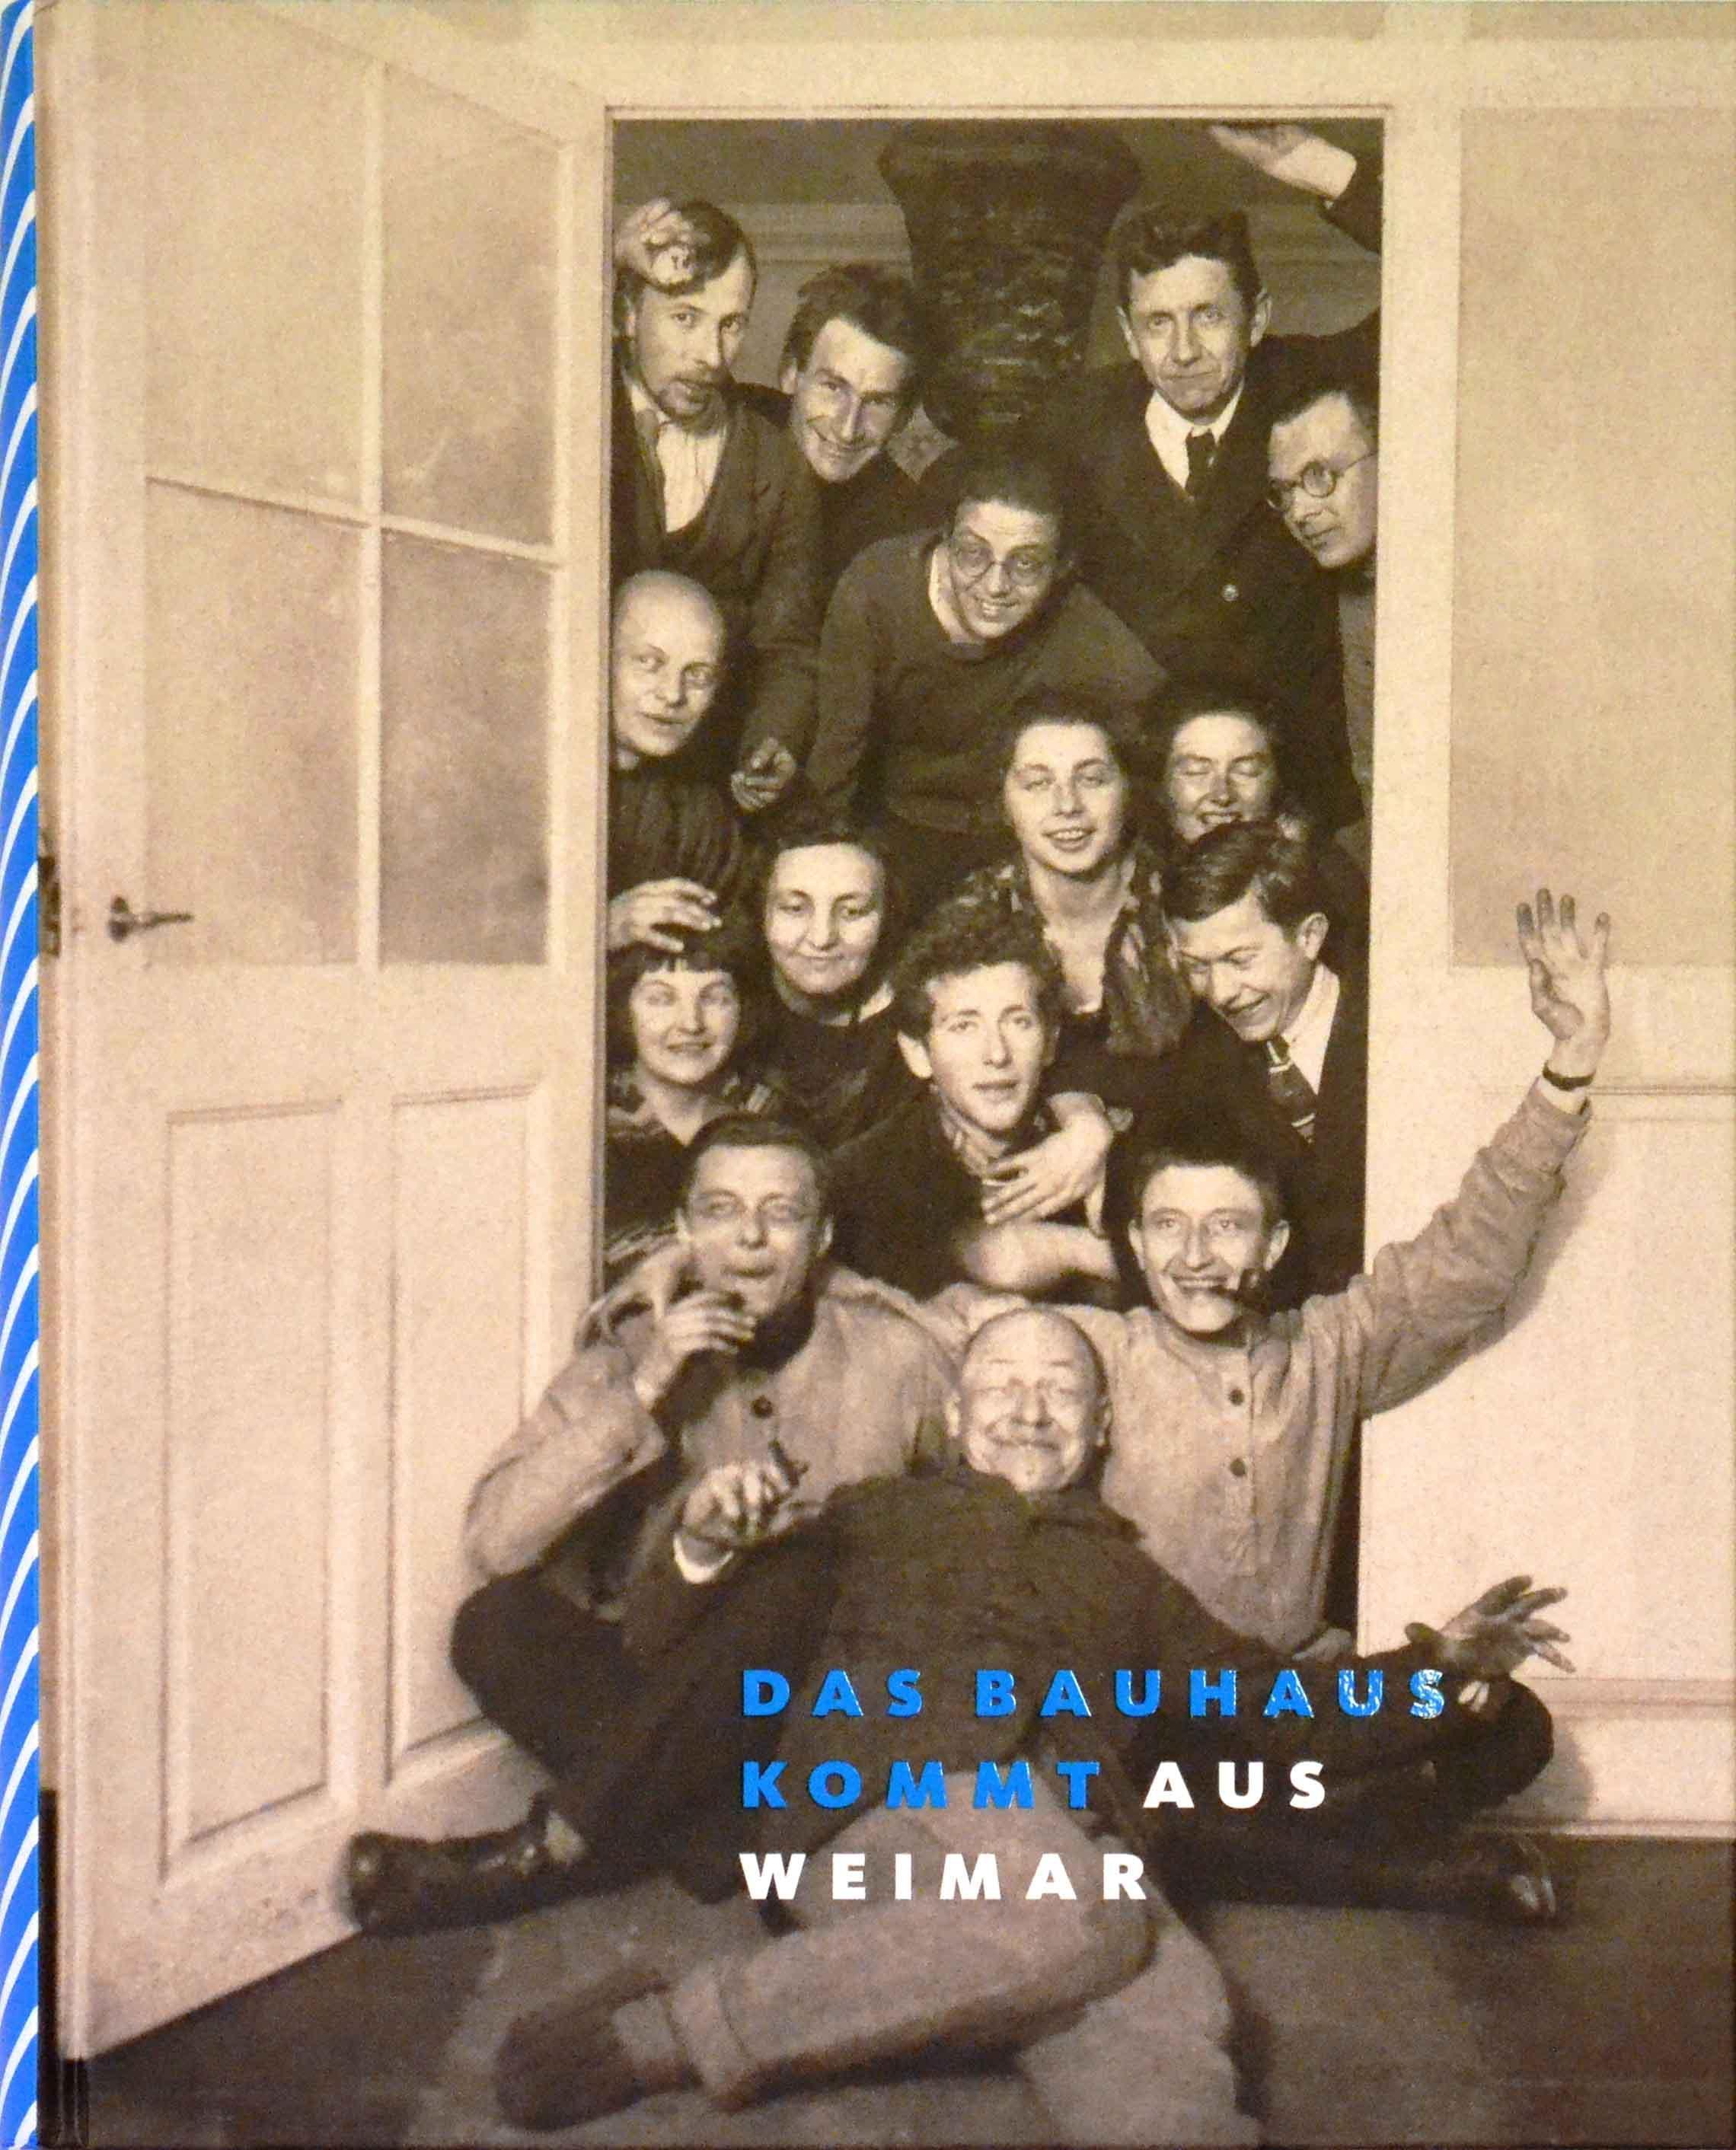 Das Bauhaus kommt aus Weimar, Katalog